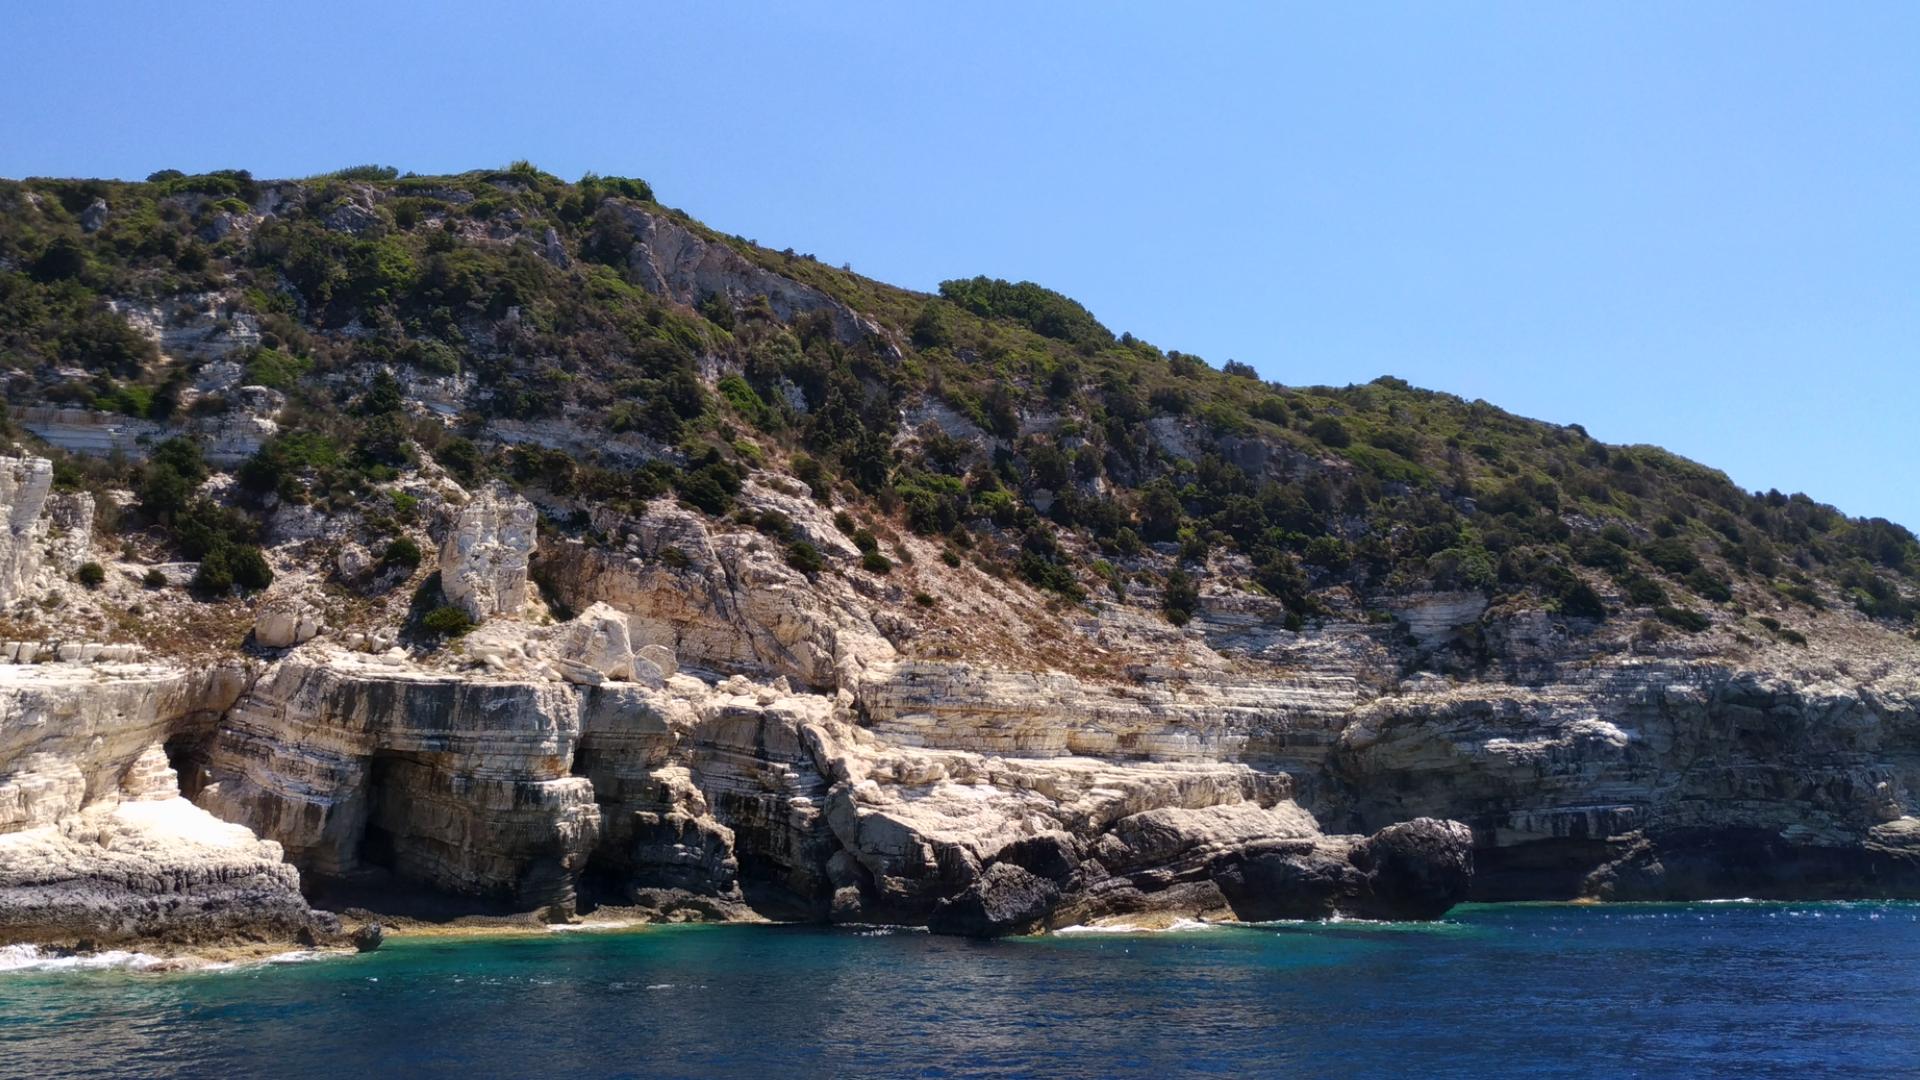 Острова Паксос и Антипаксос. Греция